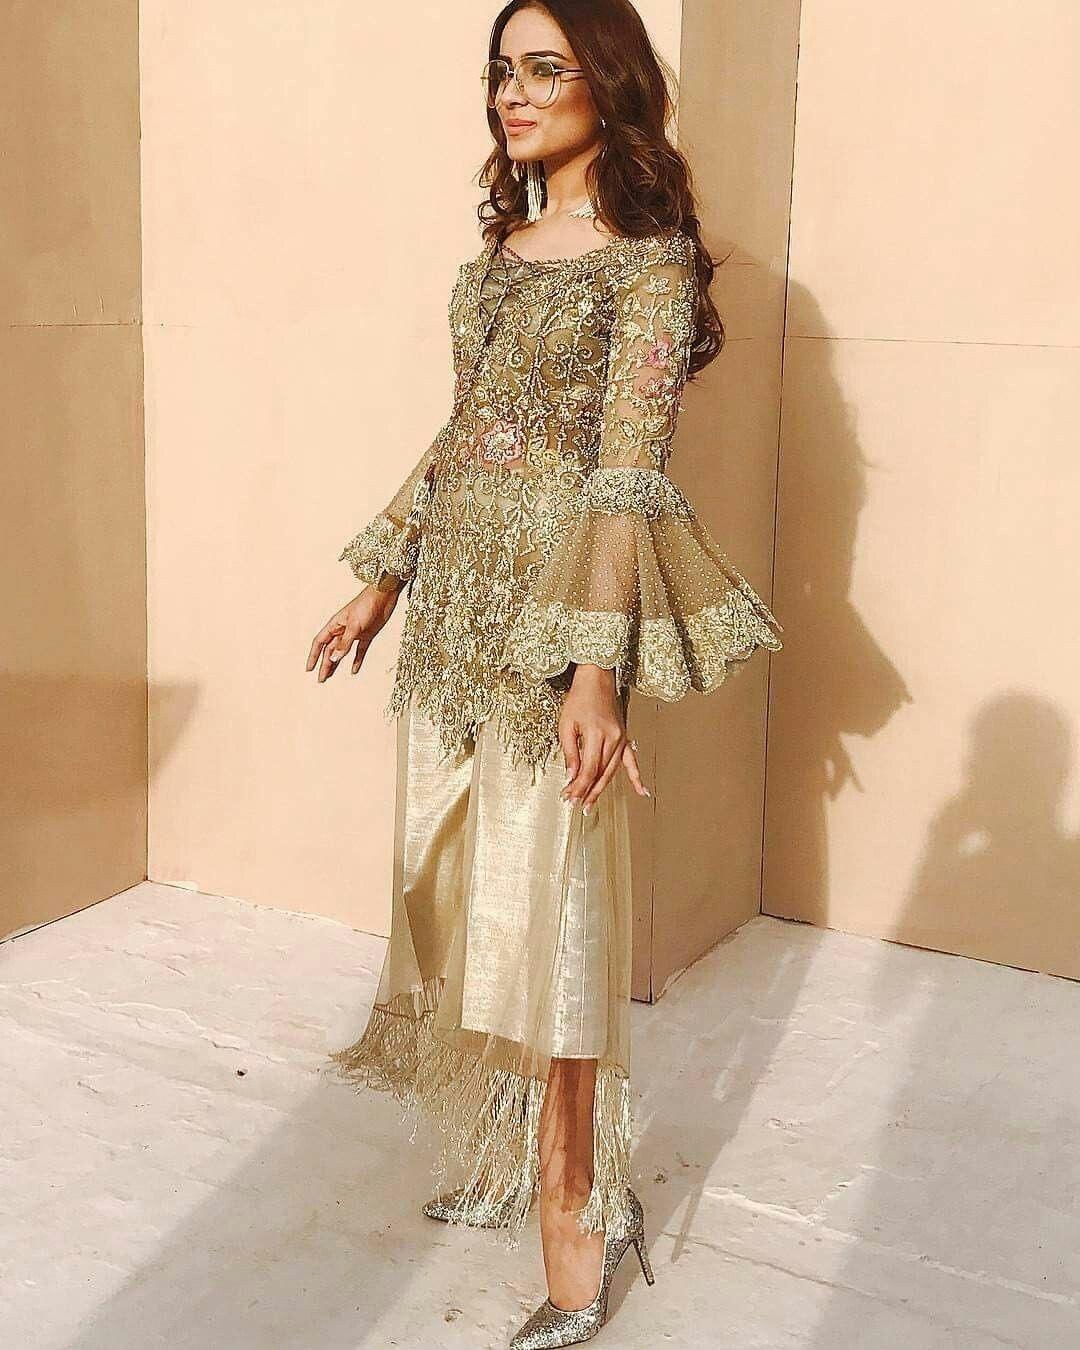 c759290892a Women S Fashion Designer Brands Code  4444115878